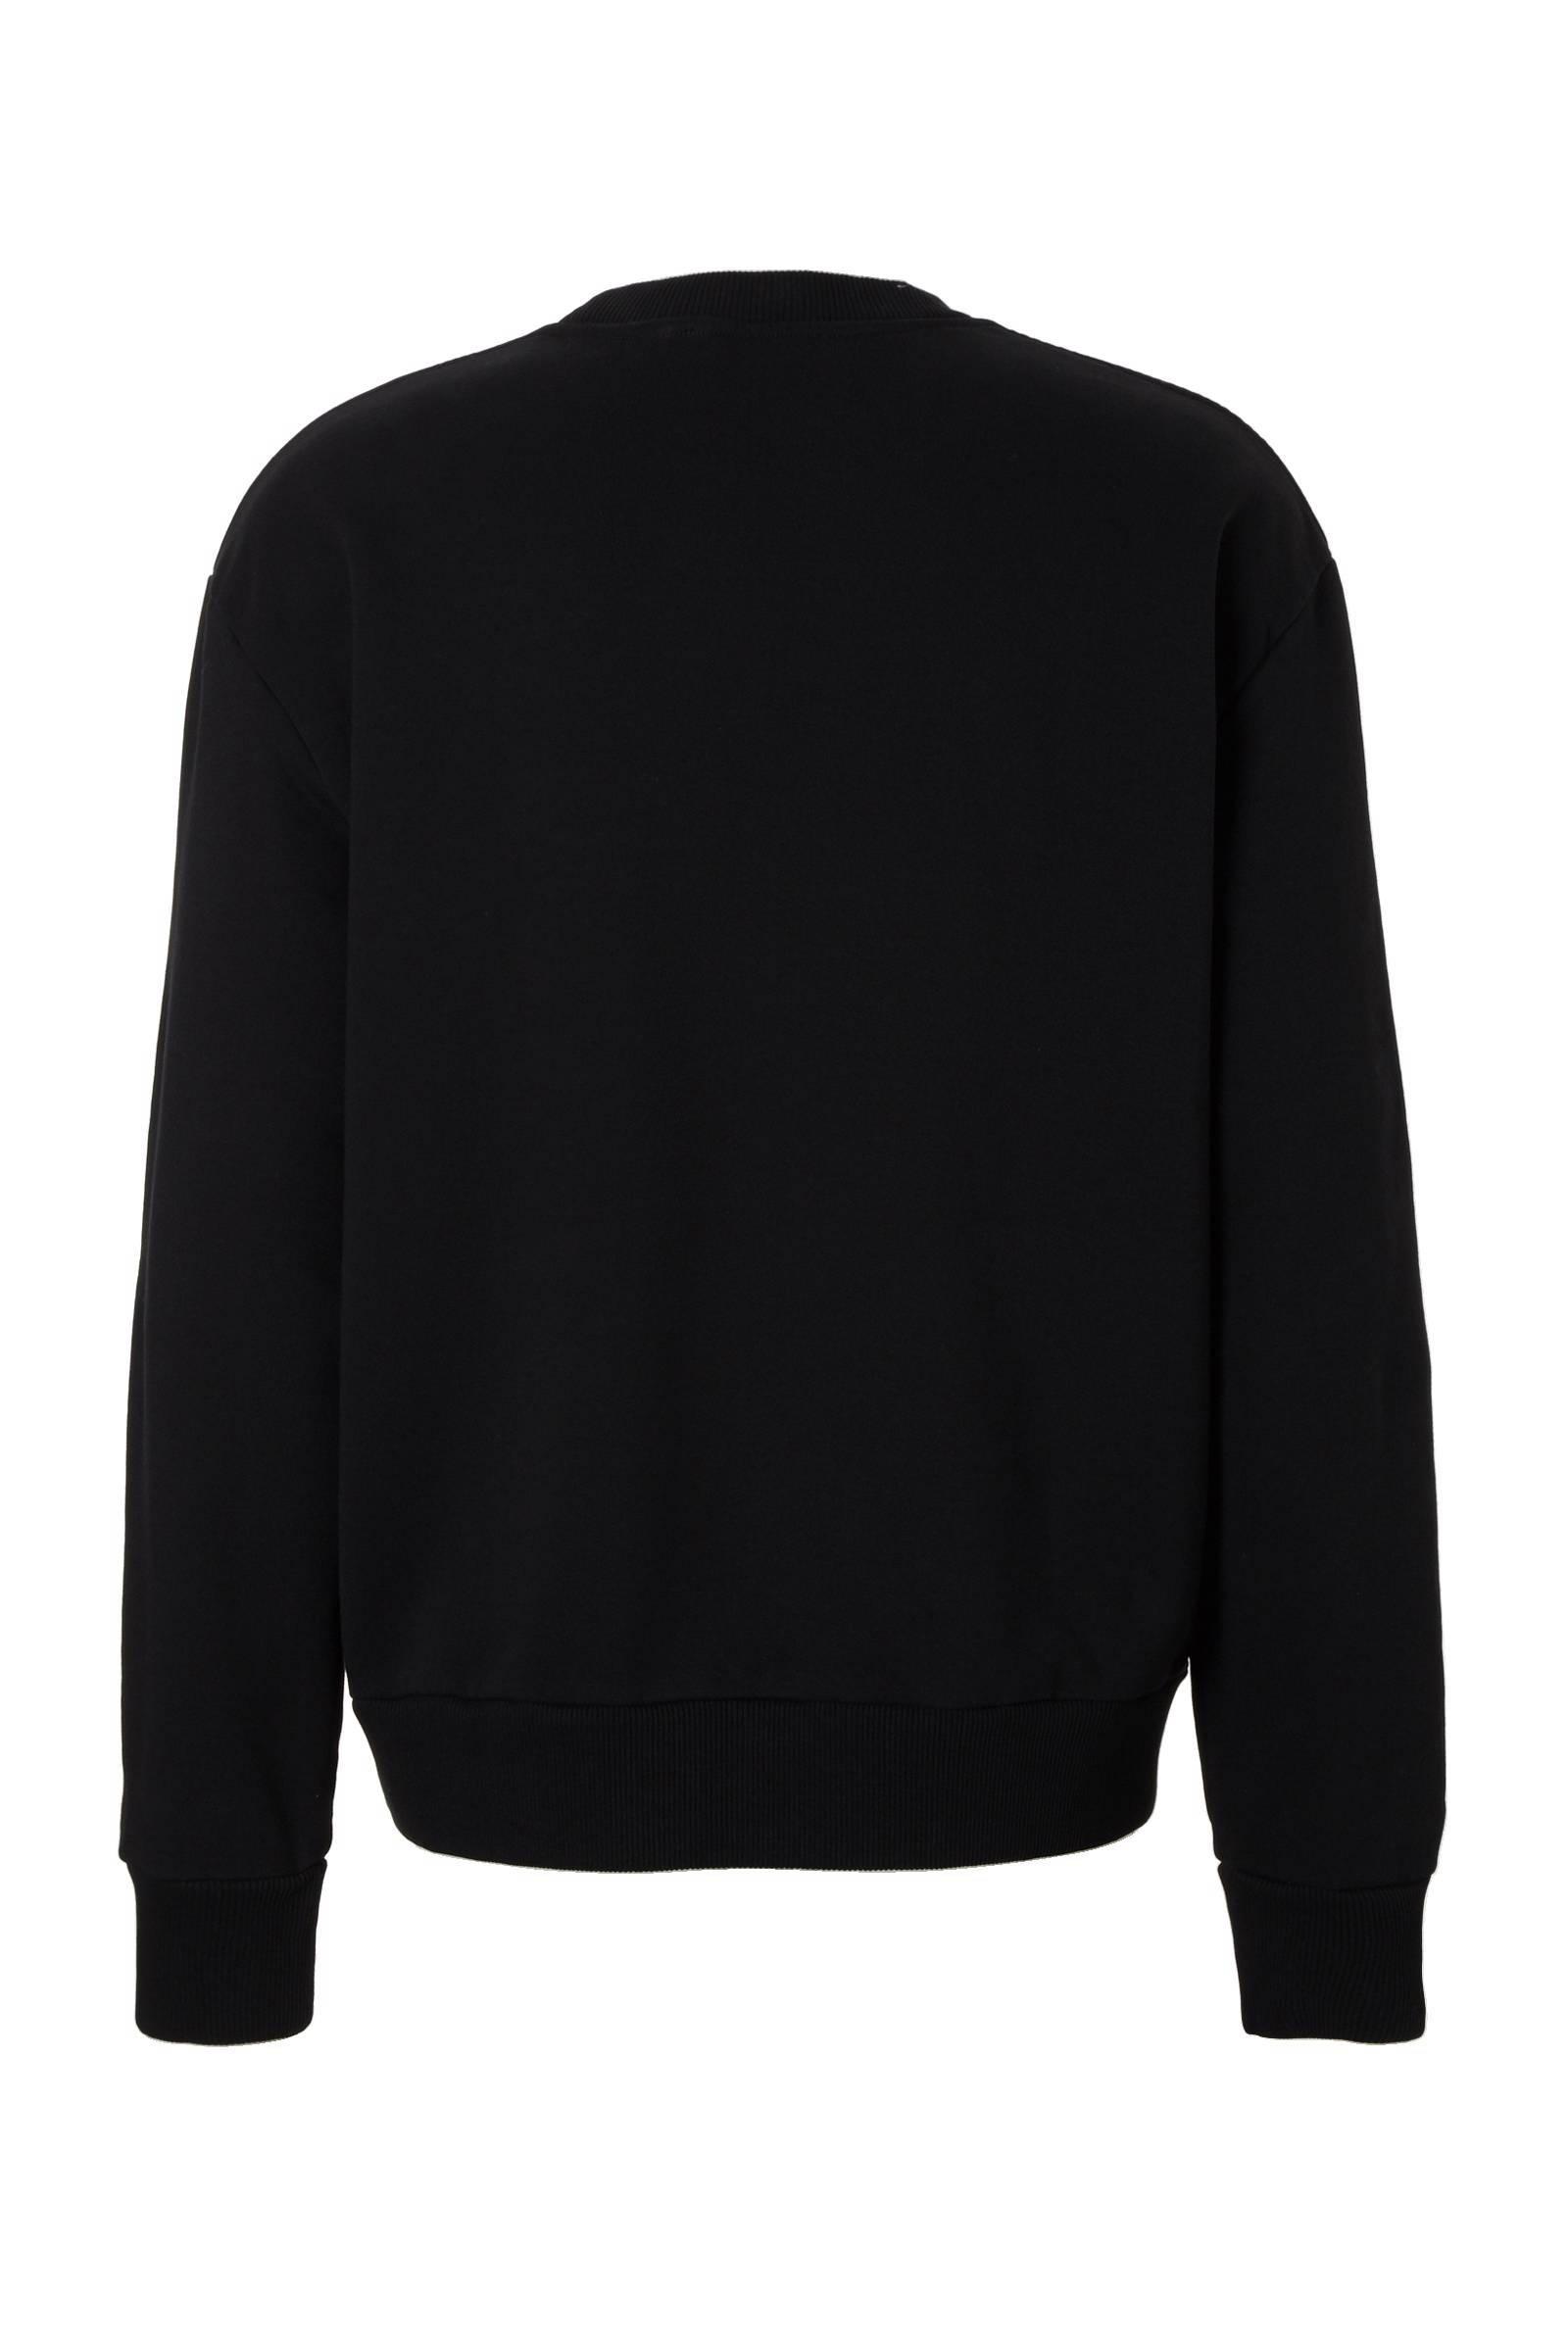 sweater Felpa Samy S Diesel Diesel S fwq1X4